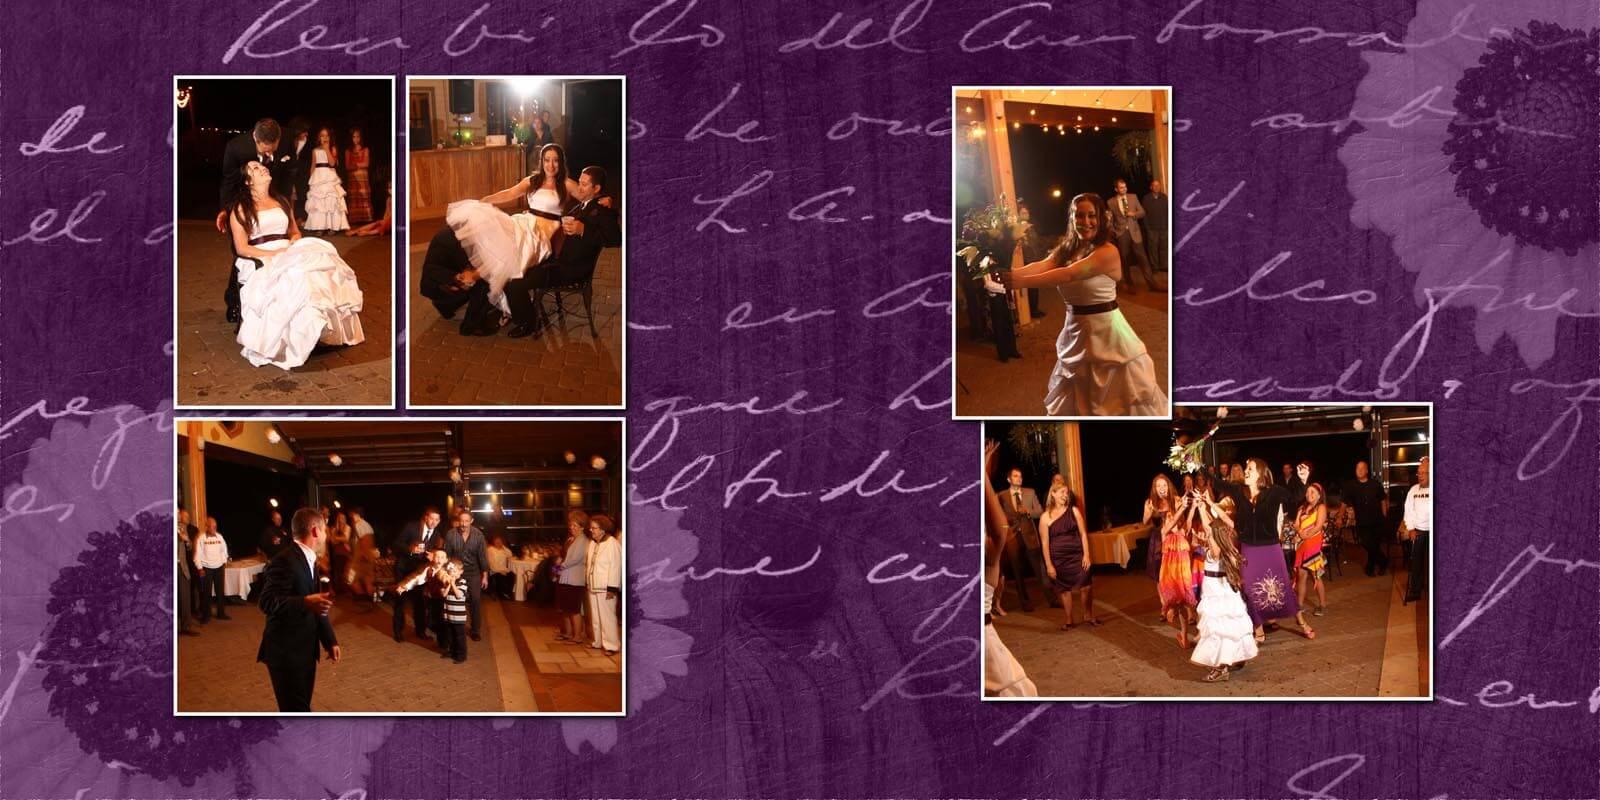 sweet-cheeks-winery-eugene-oregon-wedding-038-039.jpg